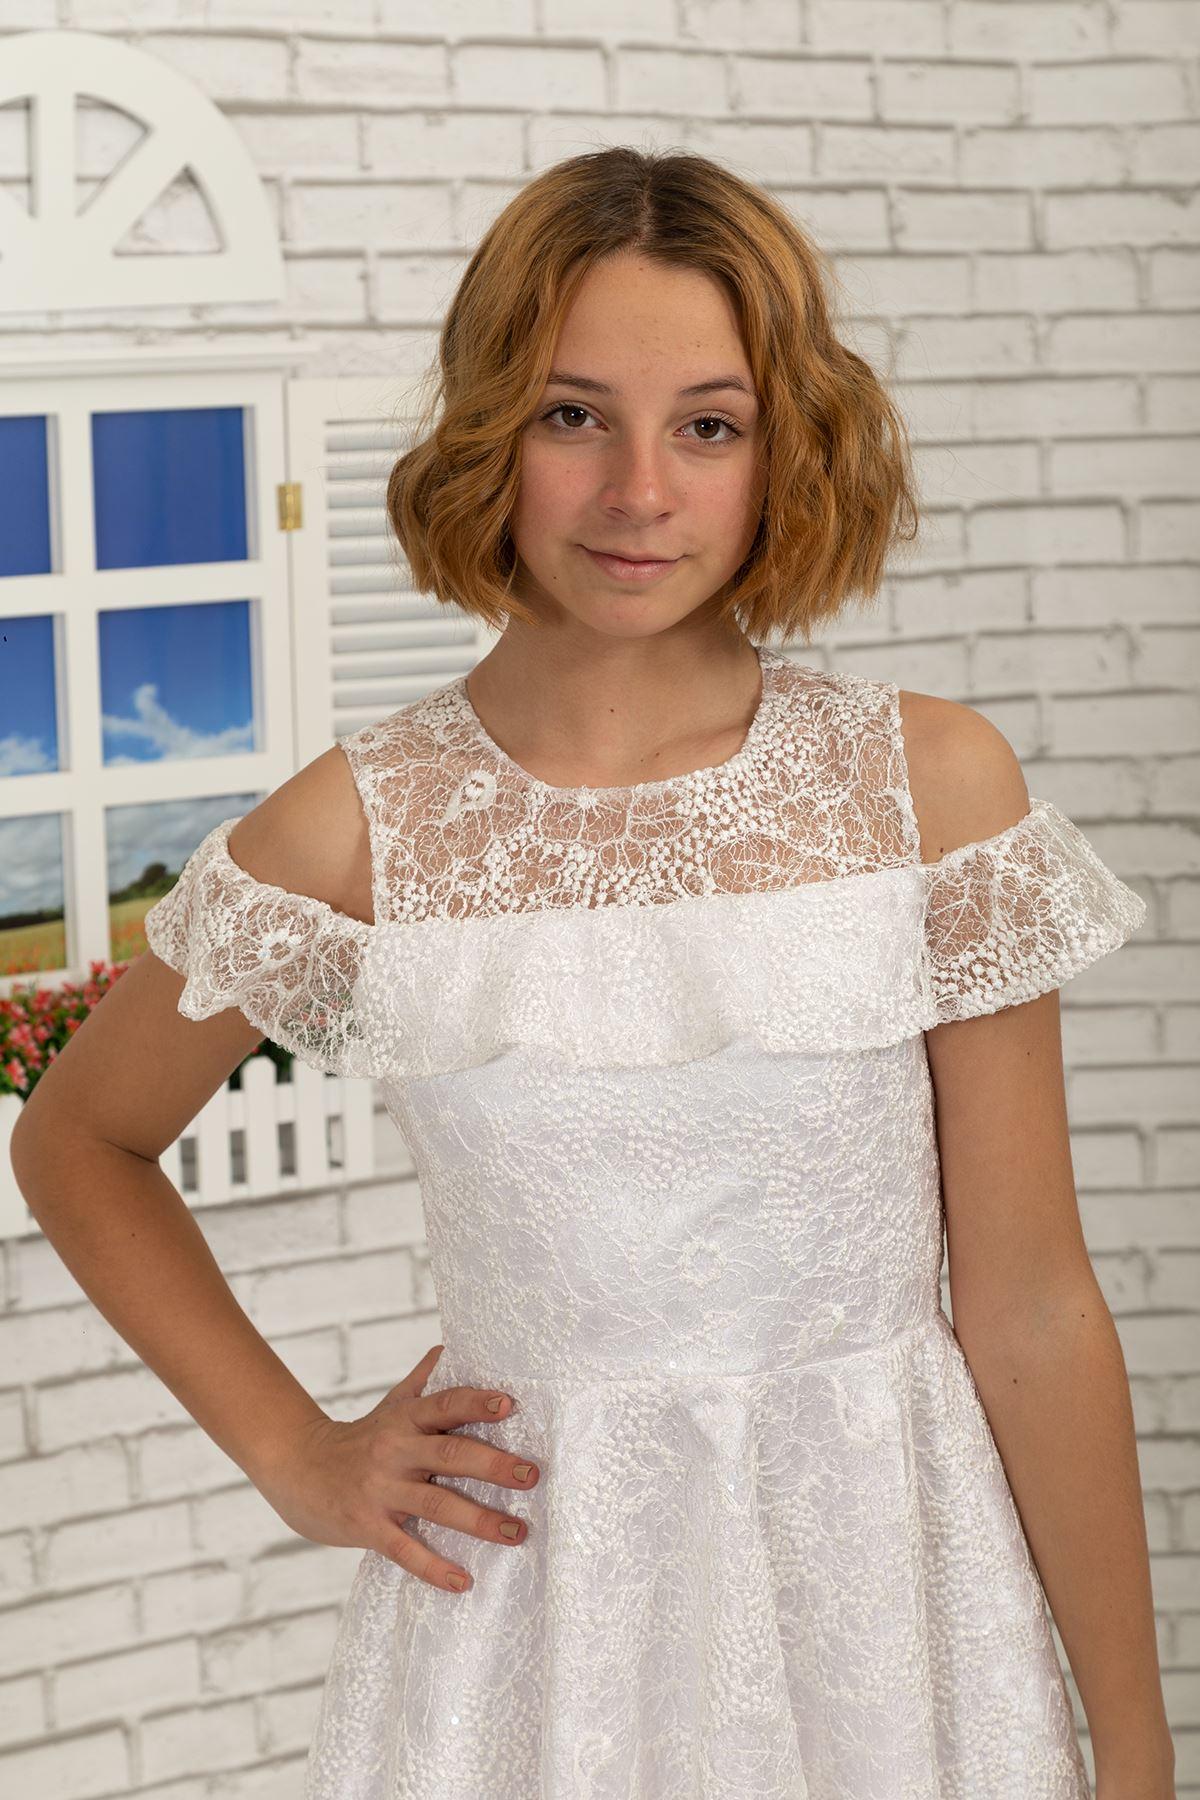 Shoulder Detail, Lace Short Girl Evening Dress 495 Ivory